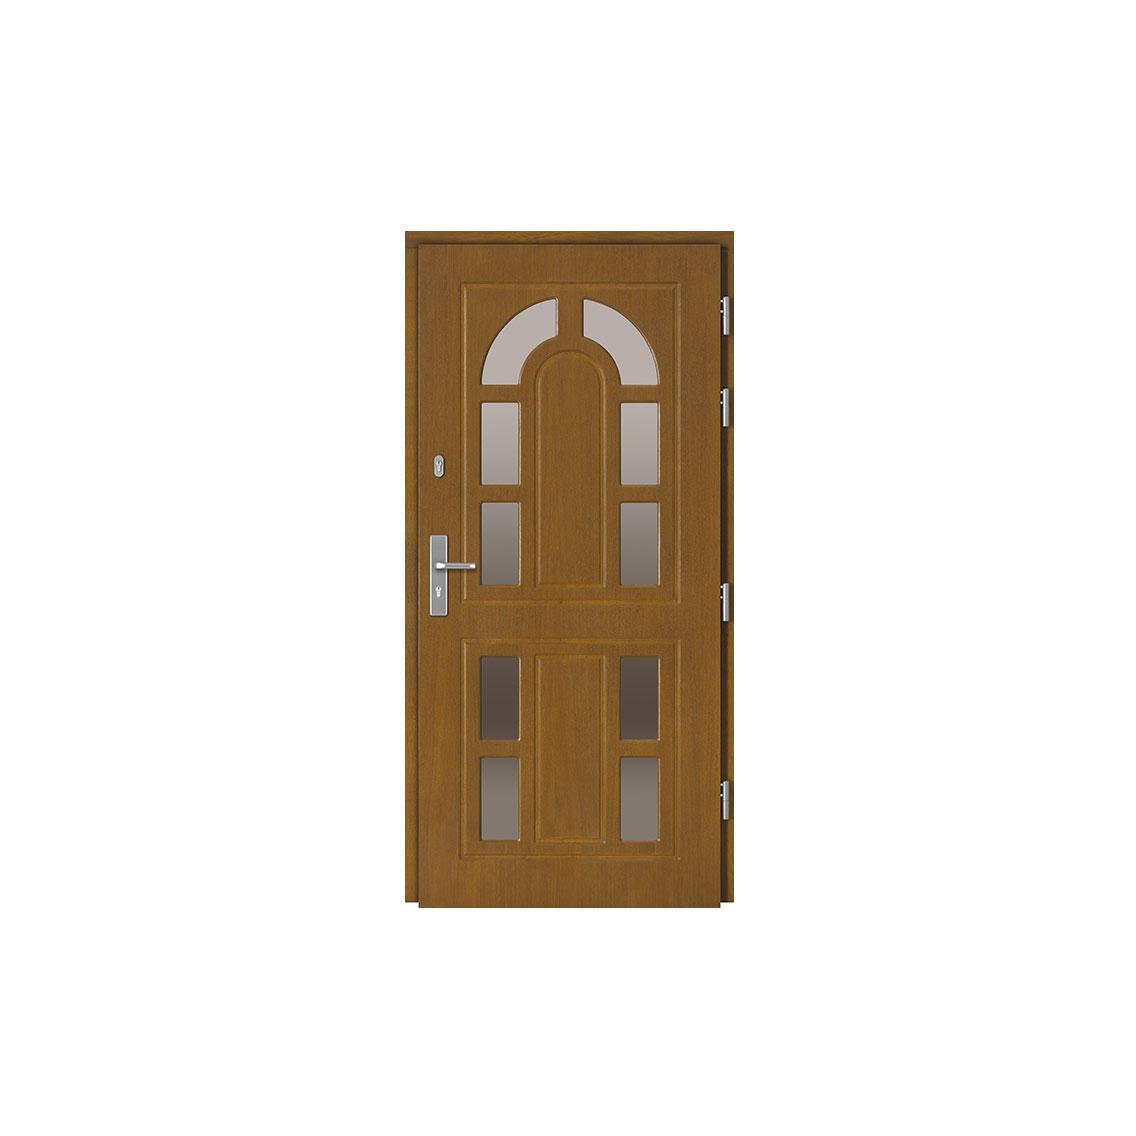 Wooden door WD-1